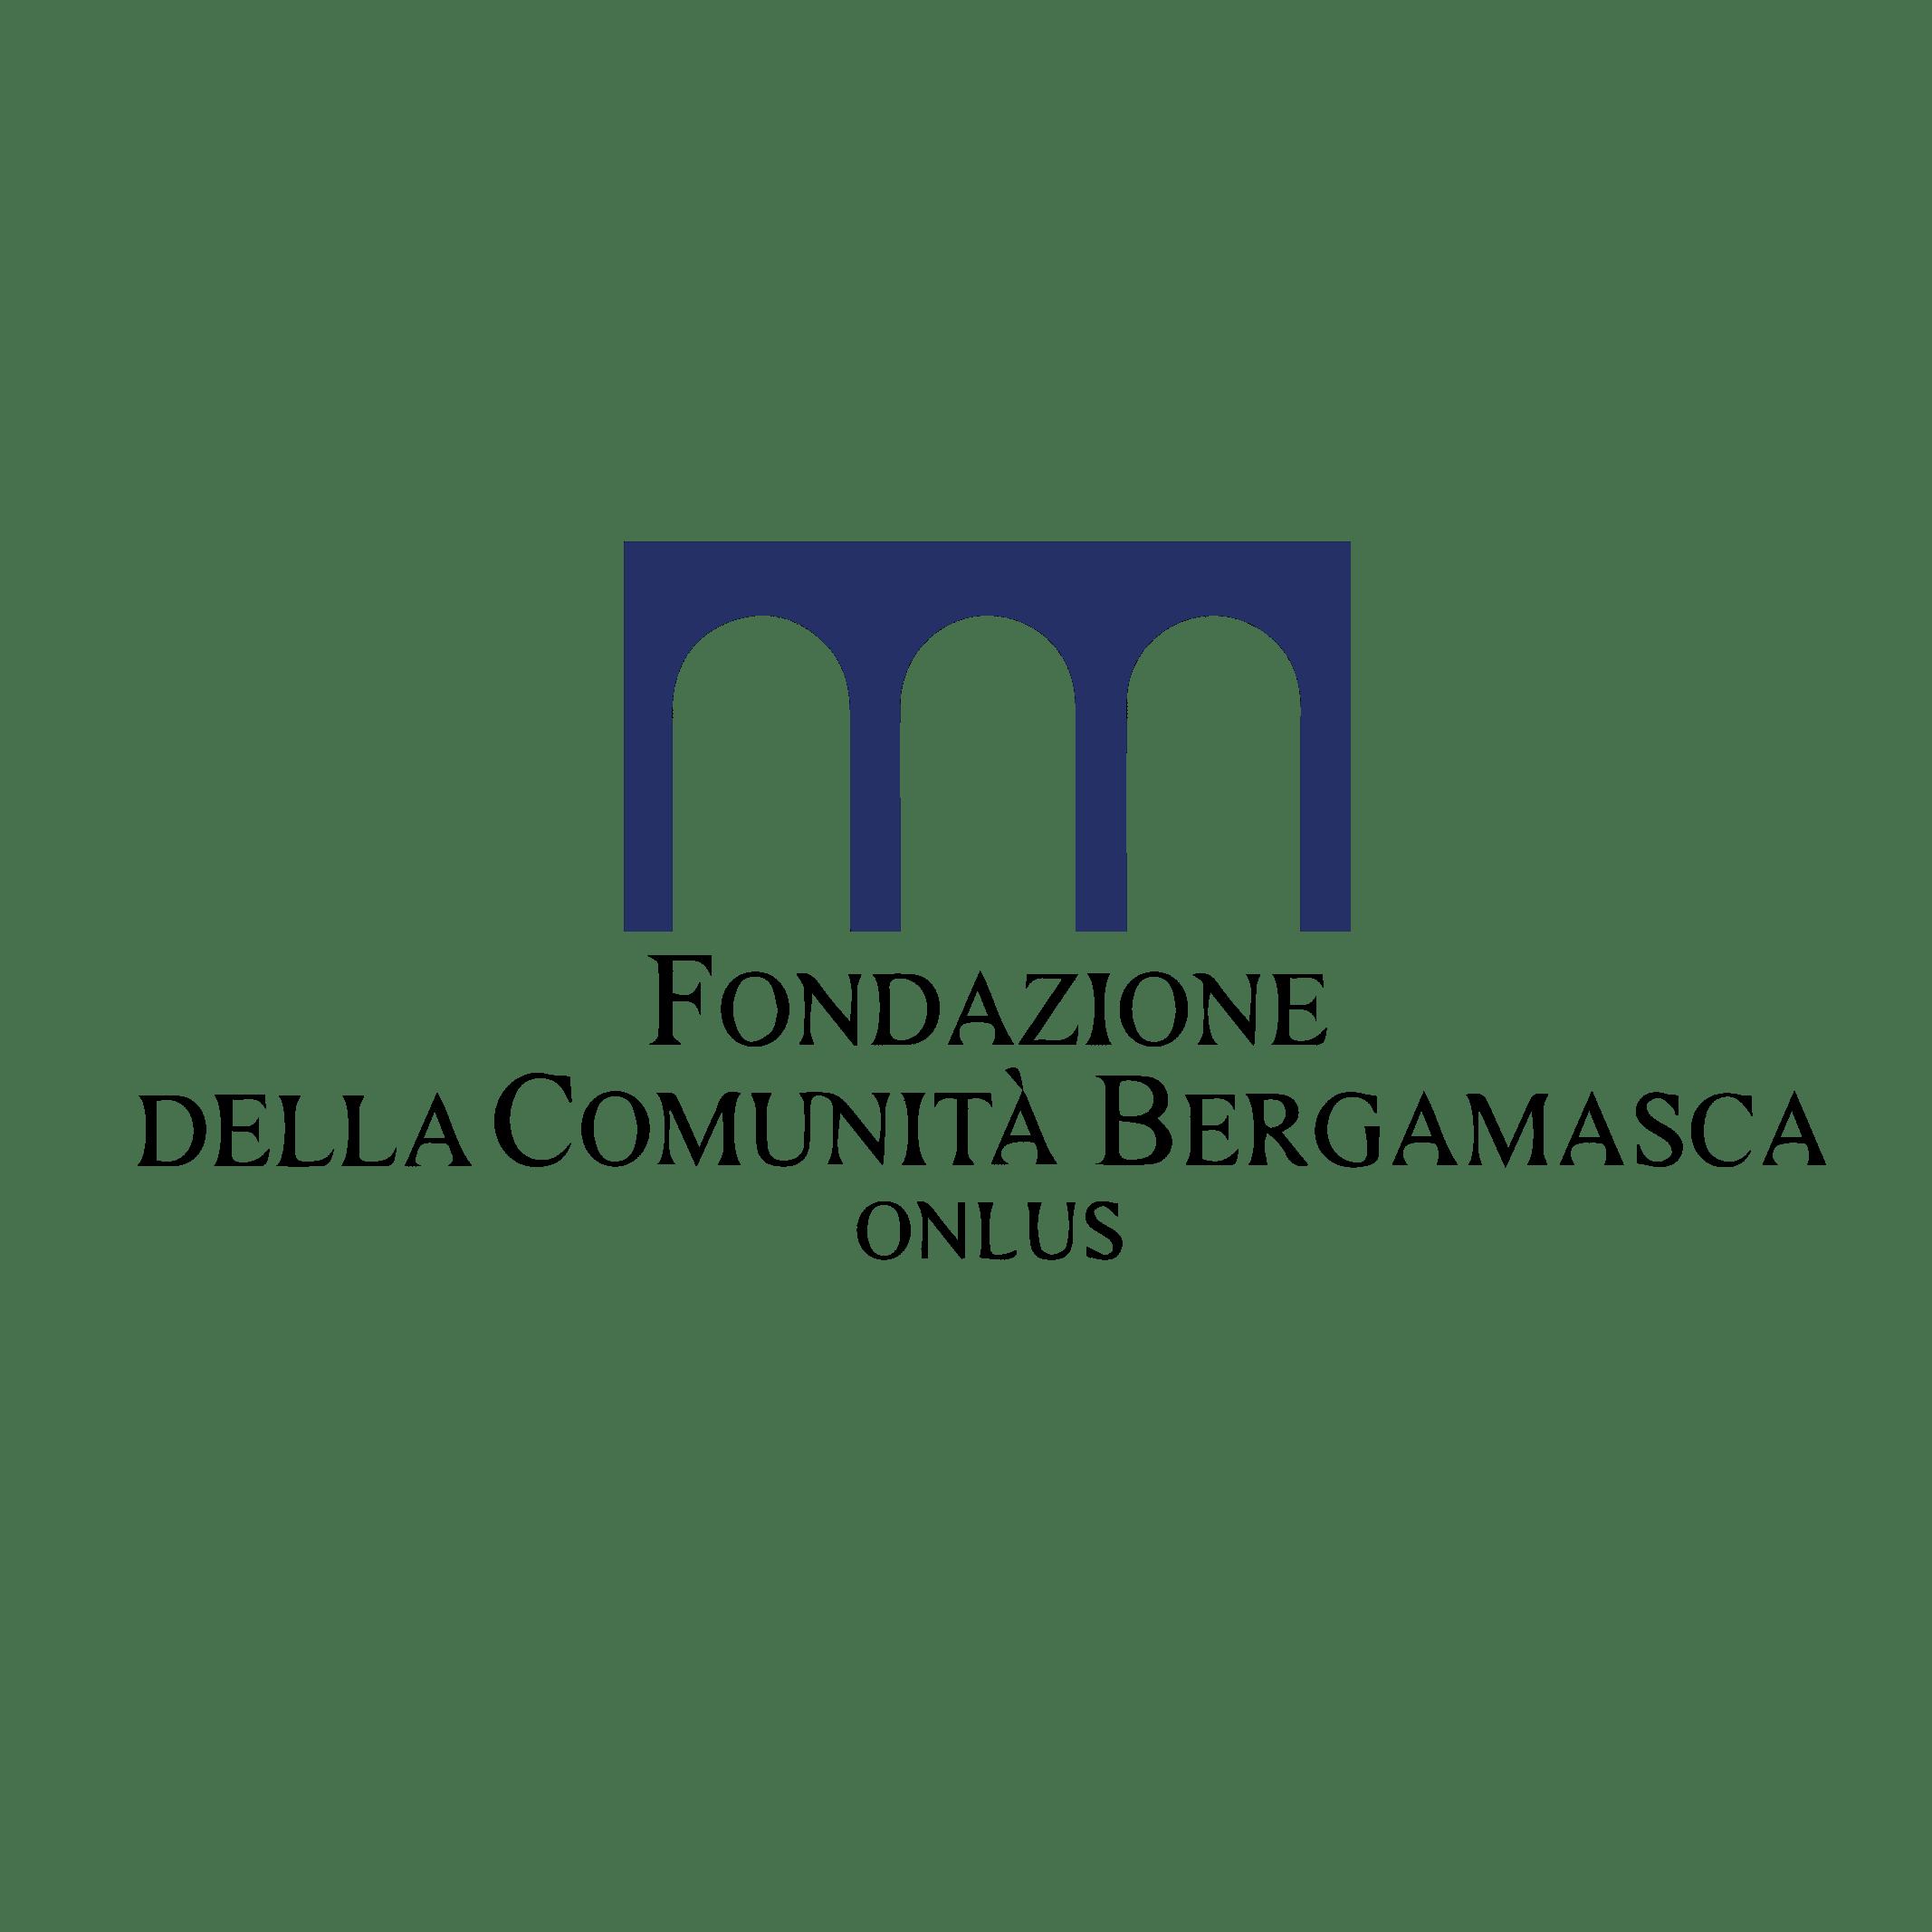 Fondazione Comunità Bergamasca Onlus